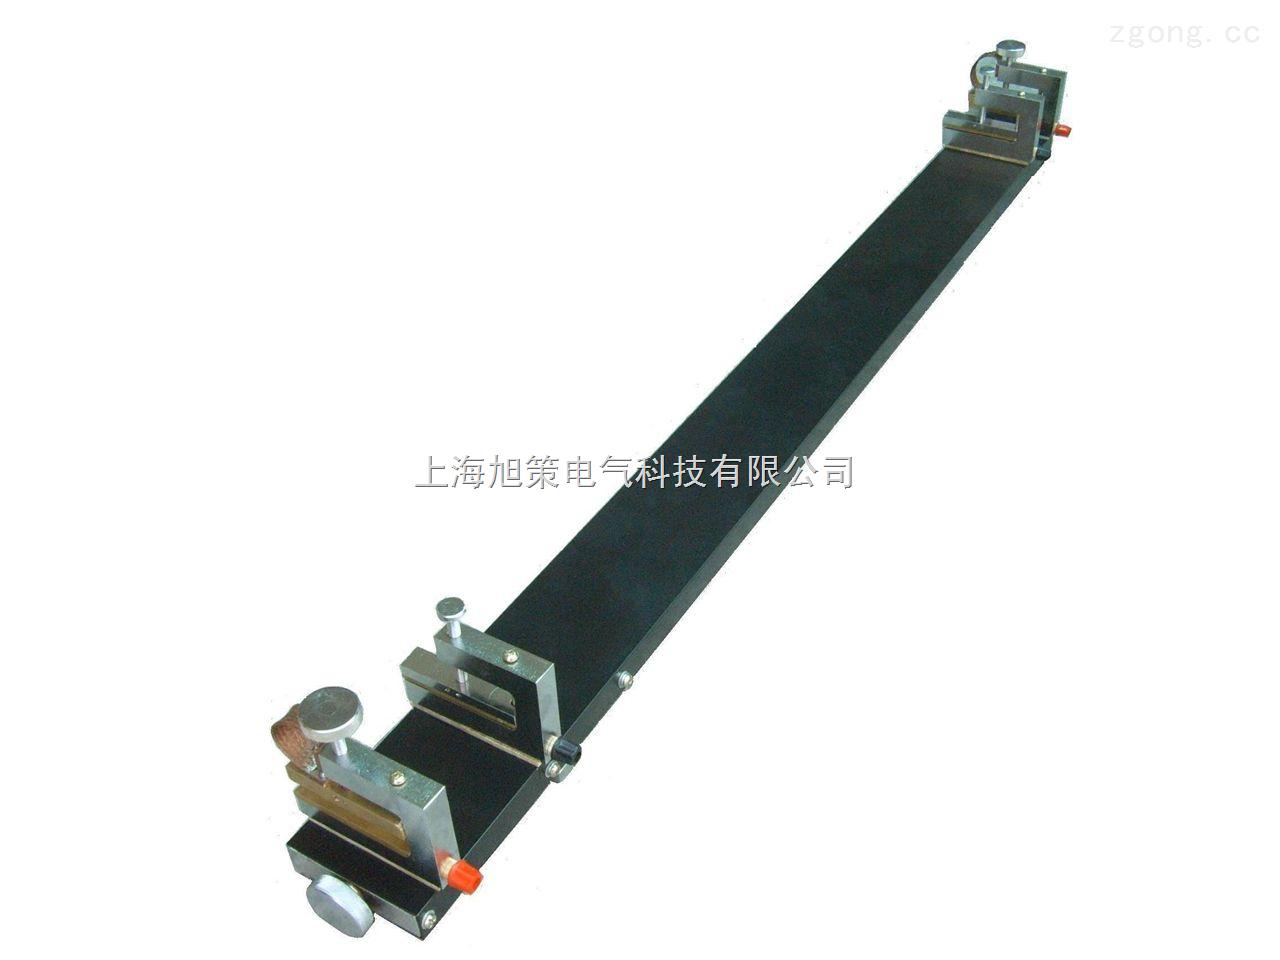 四端夹具(双臂电桥测低电阻专用)